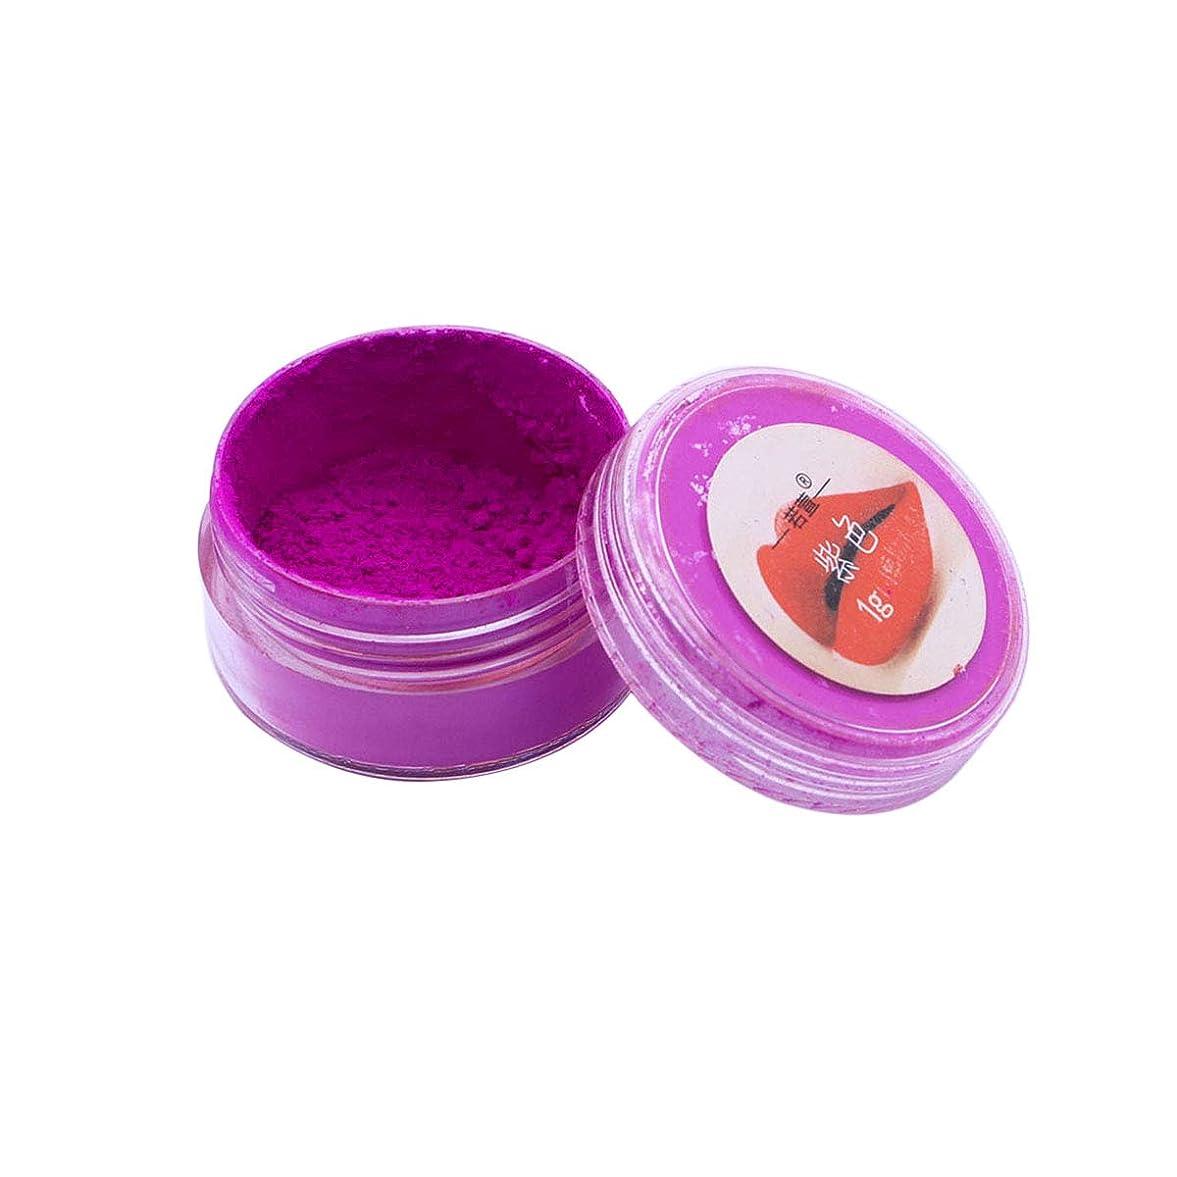 楽観的たぶん方法Lurrose 化粧マイカ顔料パウダーシマーマイカ顔料パウダー用diy口紅石鹸作りローション